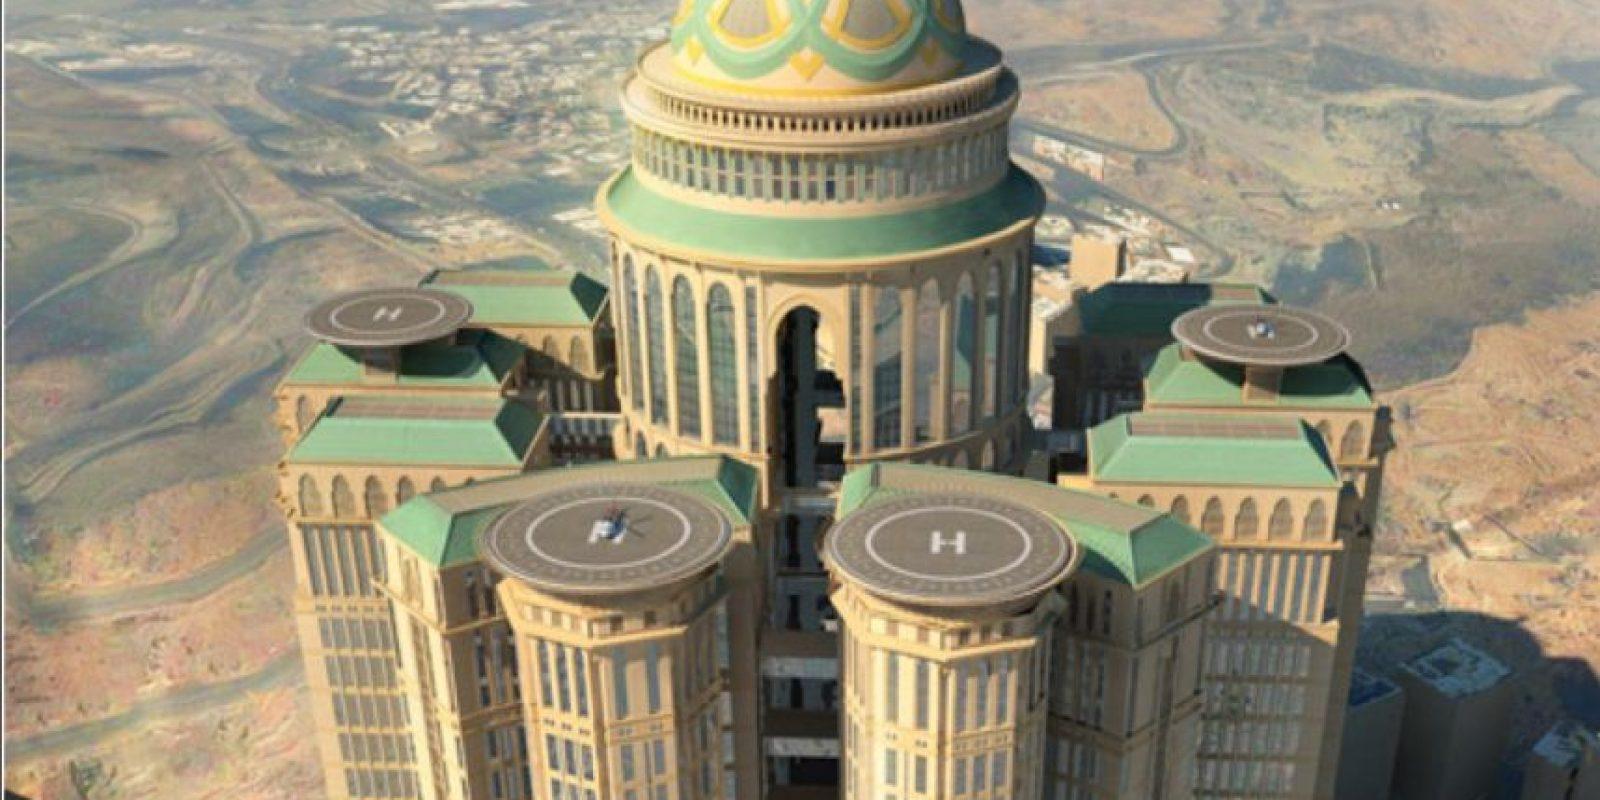 Con 10 mil habitaciones planeadas, el hotel Abraj Kudai será el hotel más grande del mundo. Foto:Vía dar.dargroup.com